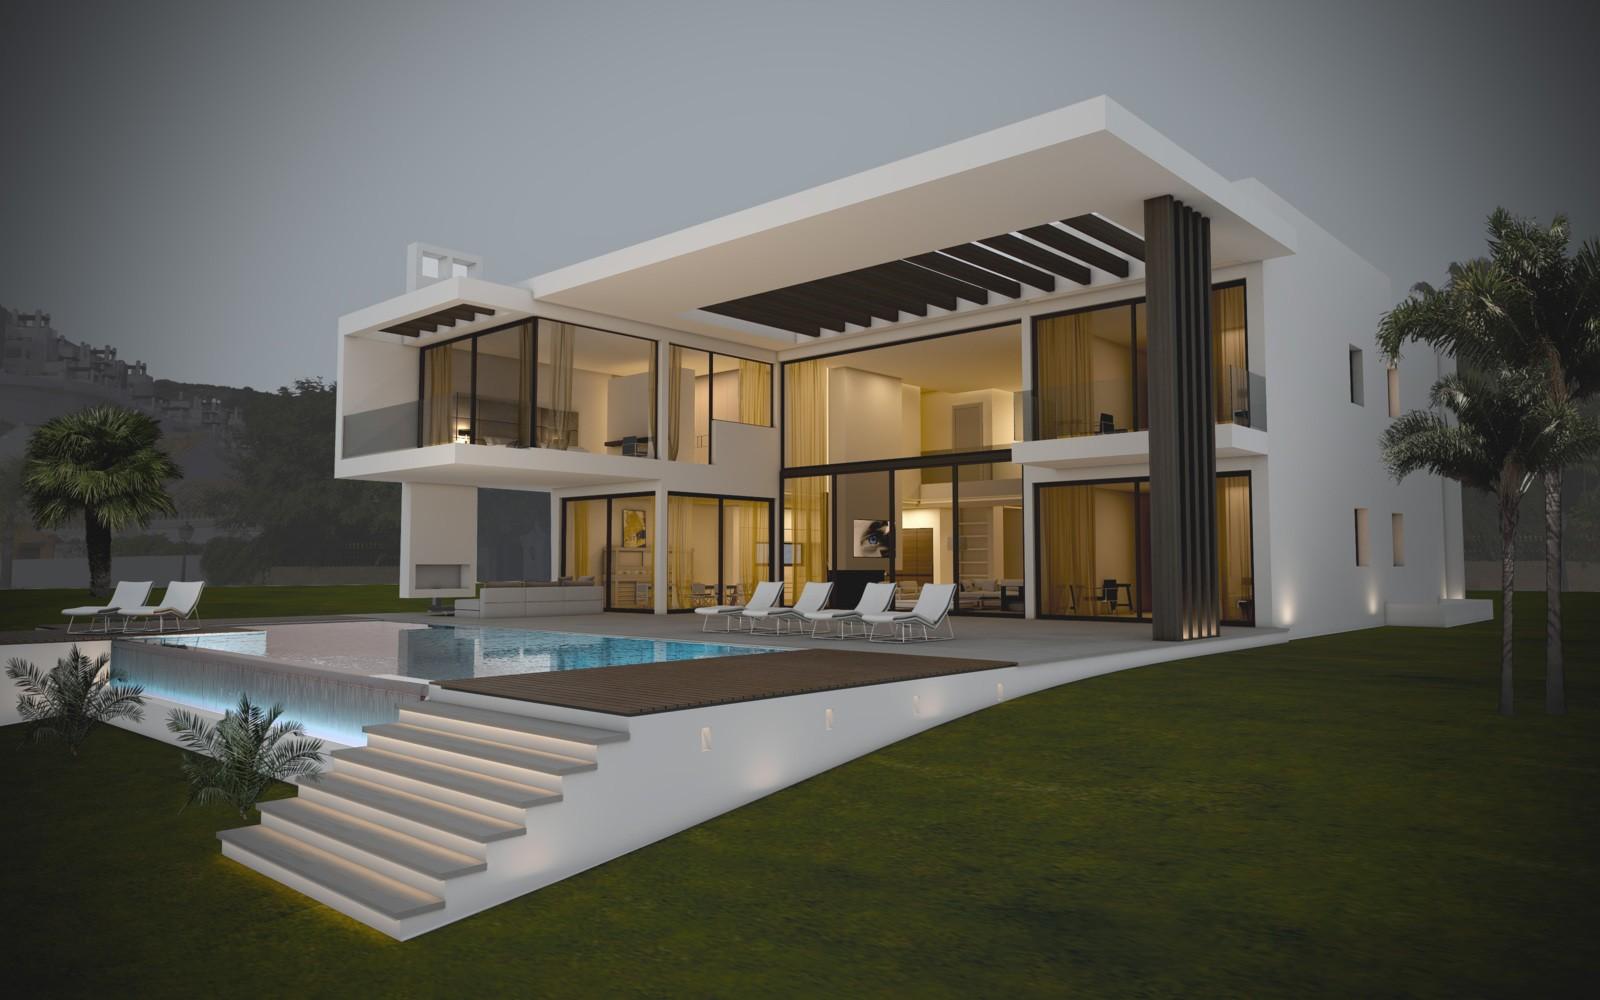 Les villa moderne le monde de l a for Les plans des villas modernes